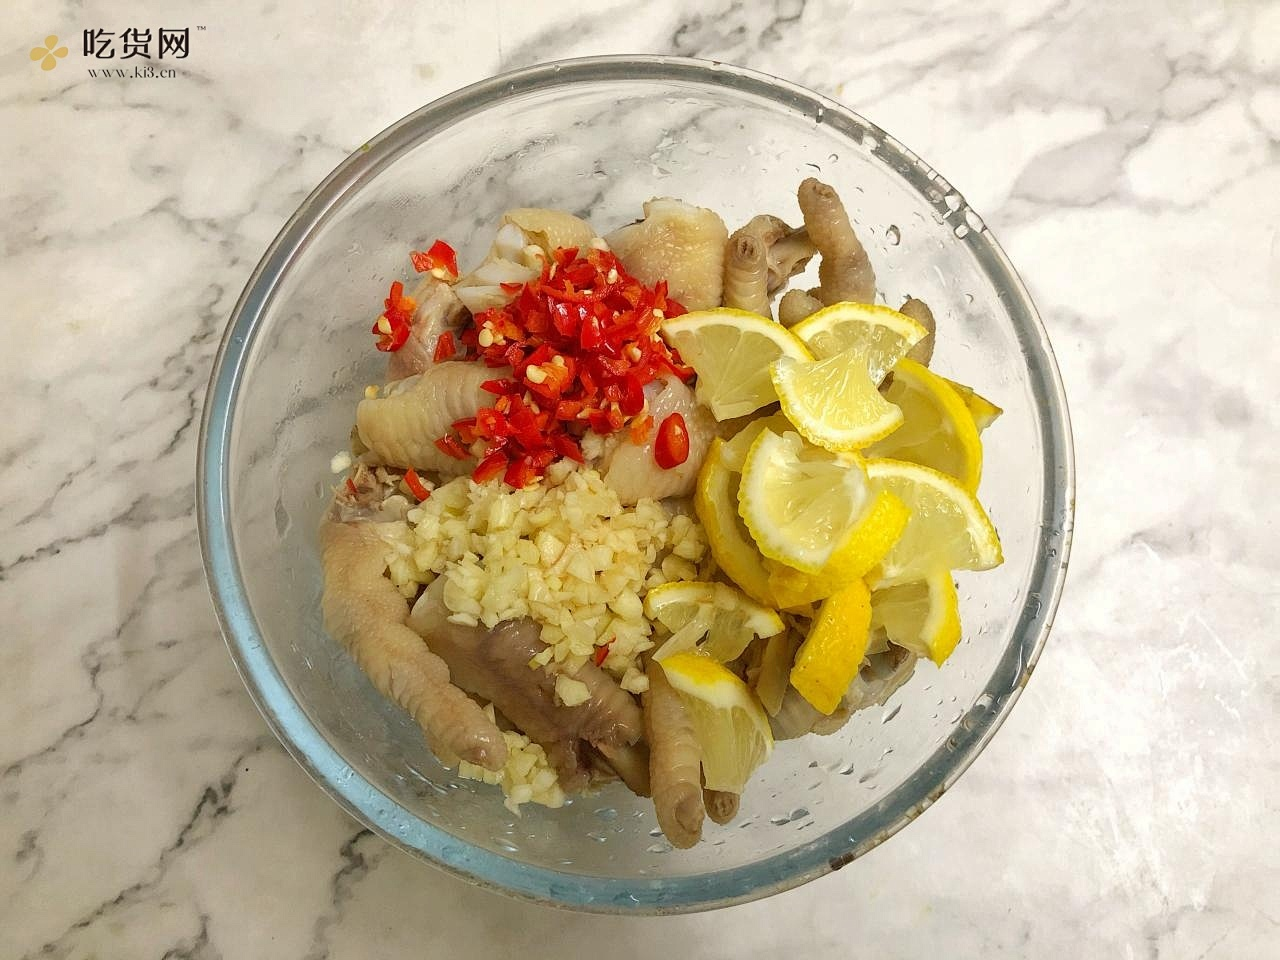 好吃到跺脚‼️蒜香柠檬鸡爪🍋清爽不油腻的做法 步骤4